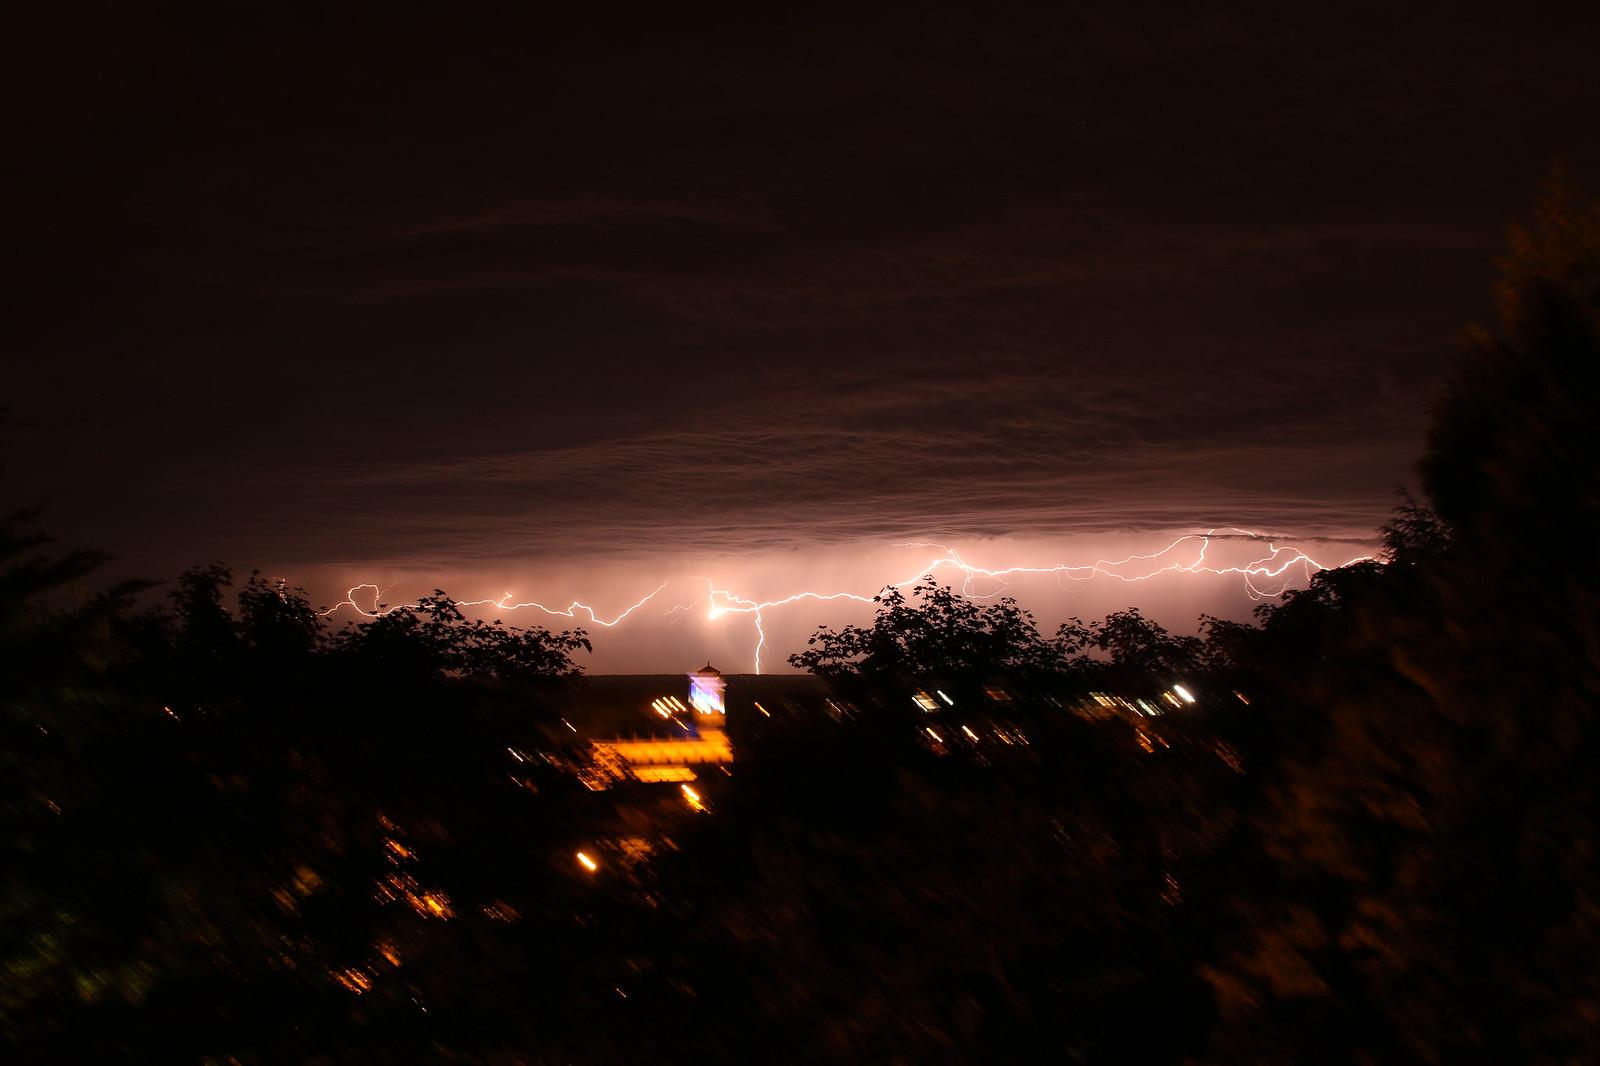 Orages au dessus de la Vendée 36031498620_1dc2618c85_h